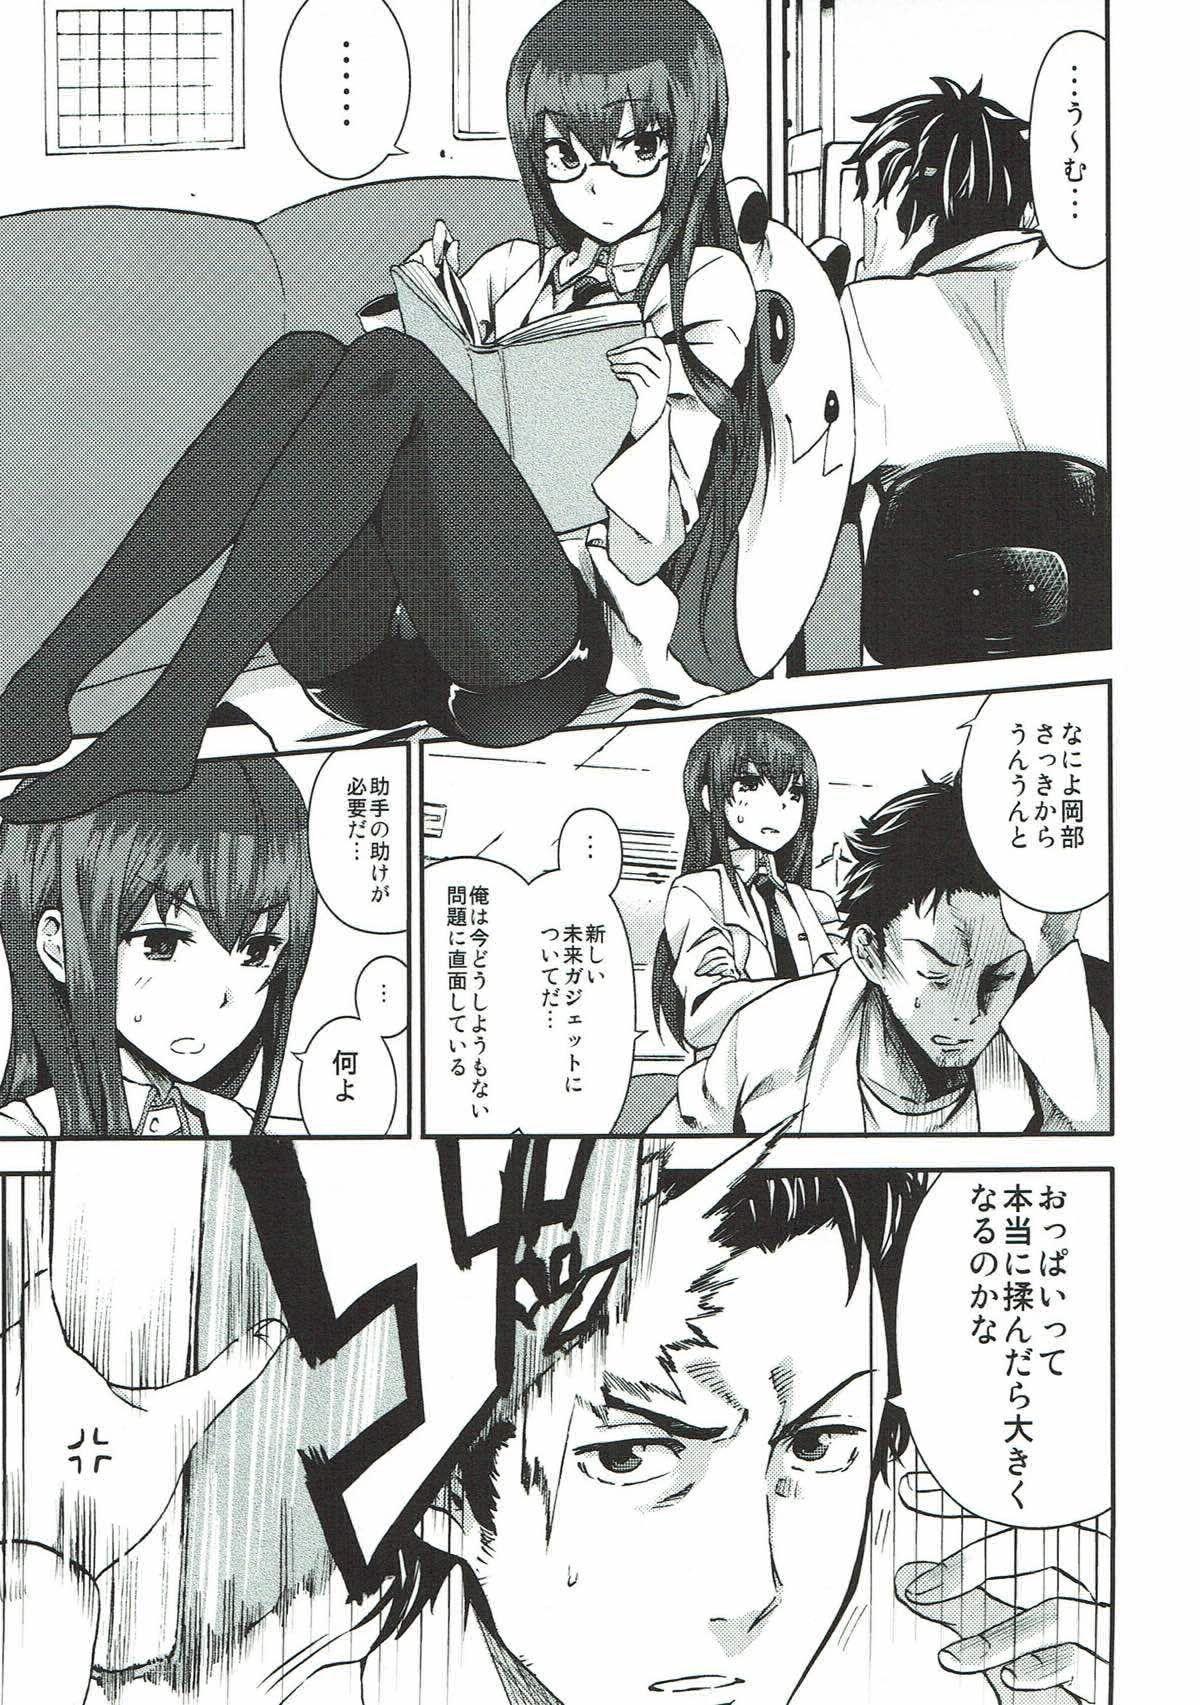 A, Anta no Gelbana ga Hoshii tte Itten no! 18